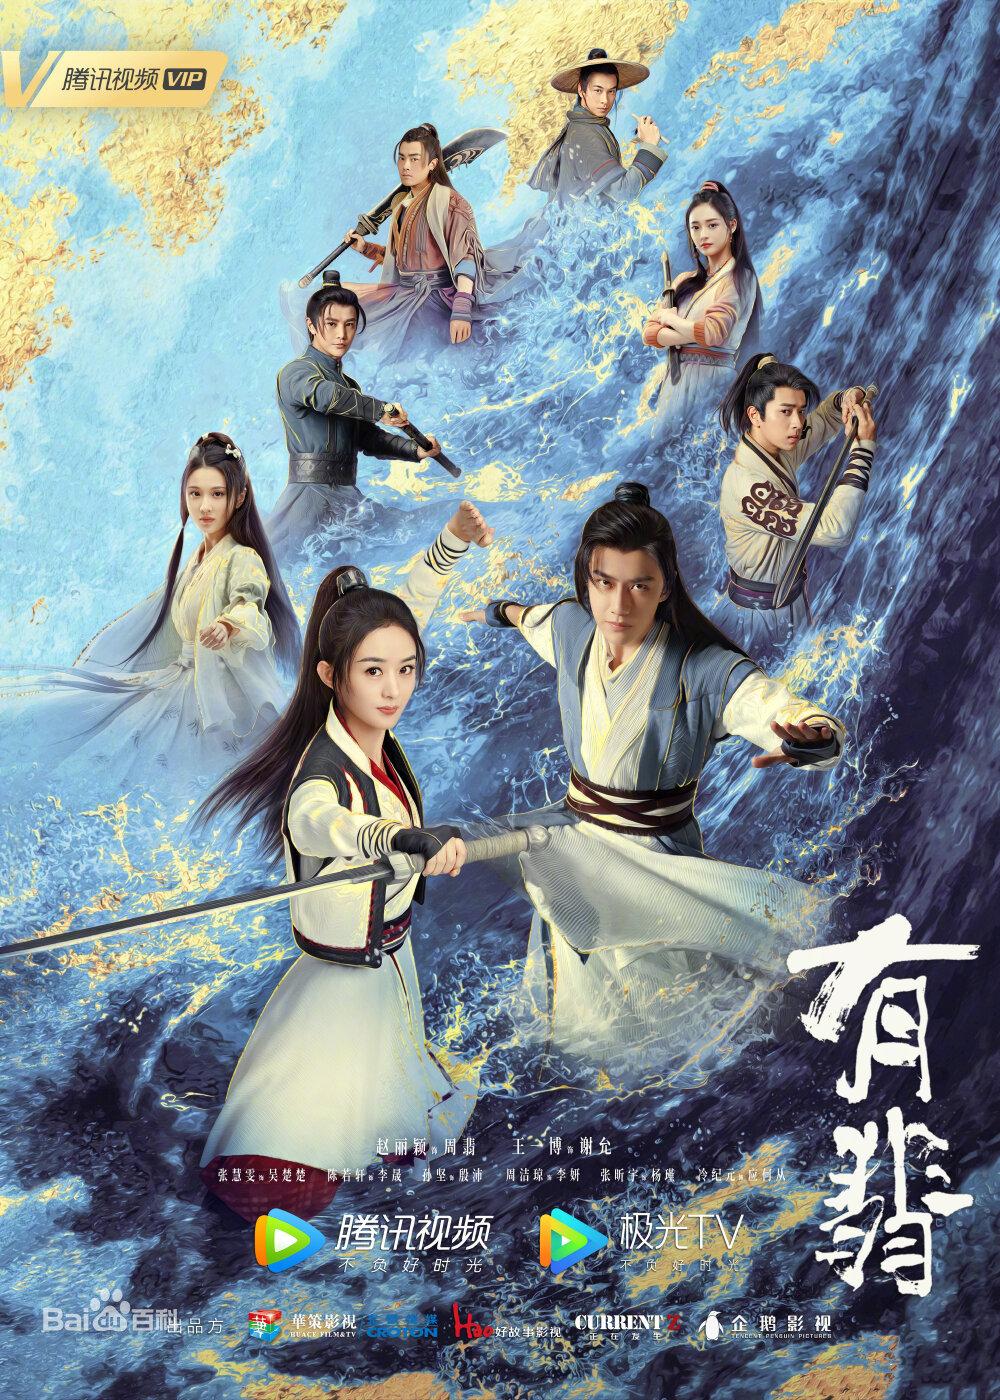 Top 5 phim Hoa ngữ có lượt xem khủng nhất toàn cầu nửa đầu 2021 trên Tencent 1